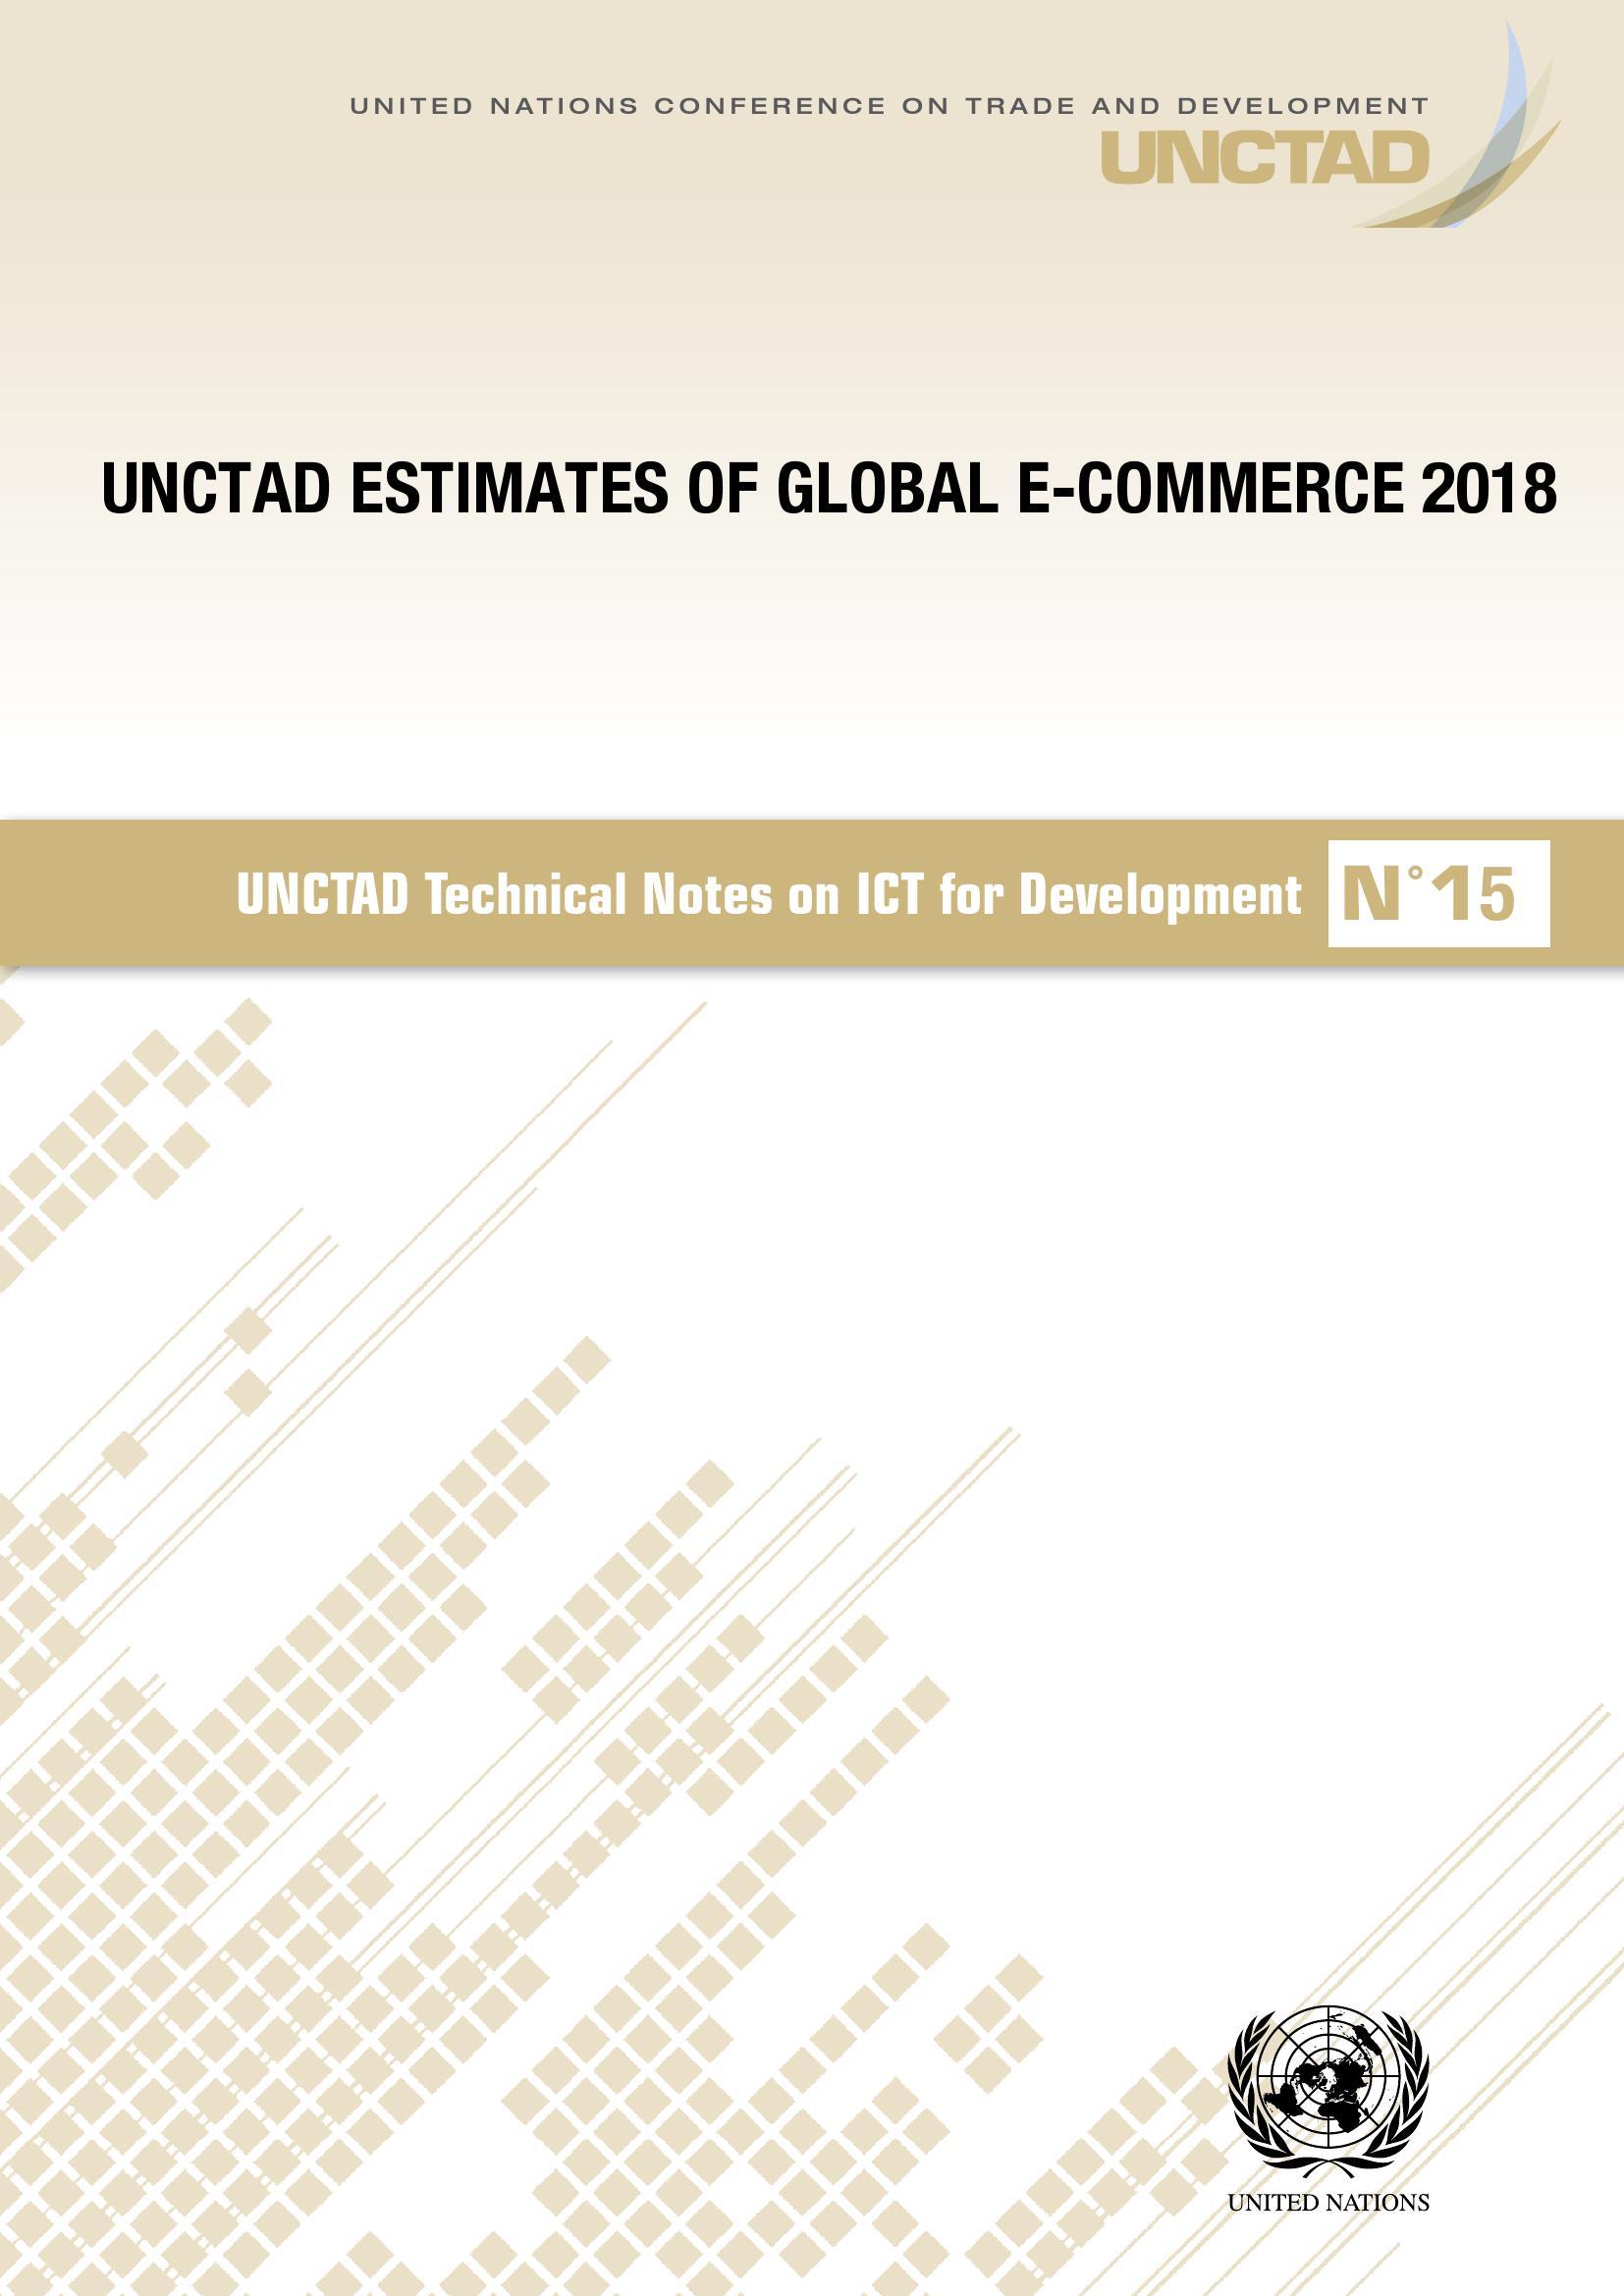 联合国贸发会:2018年全球电子商务评估报告